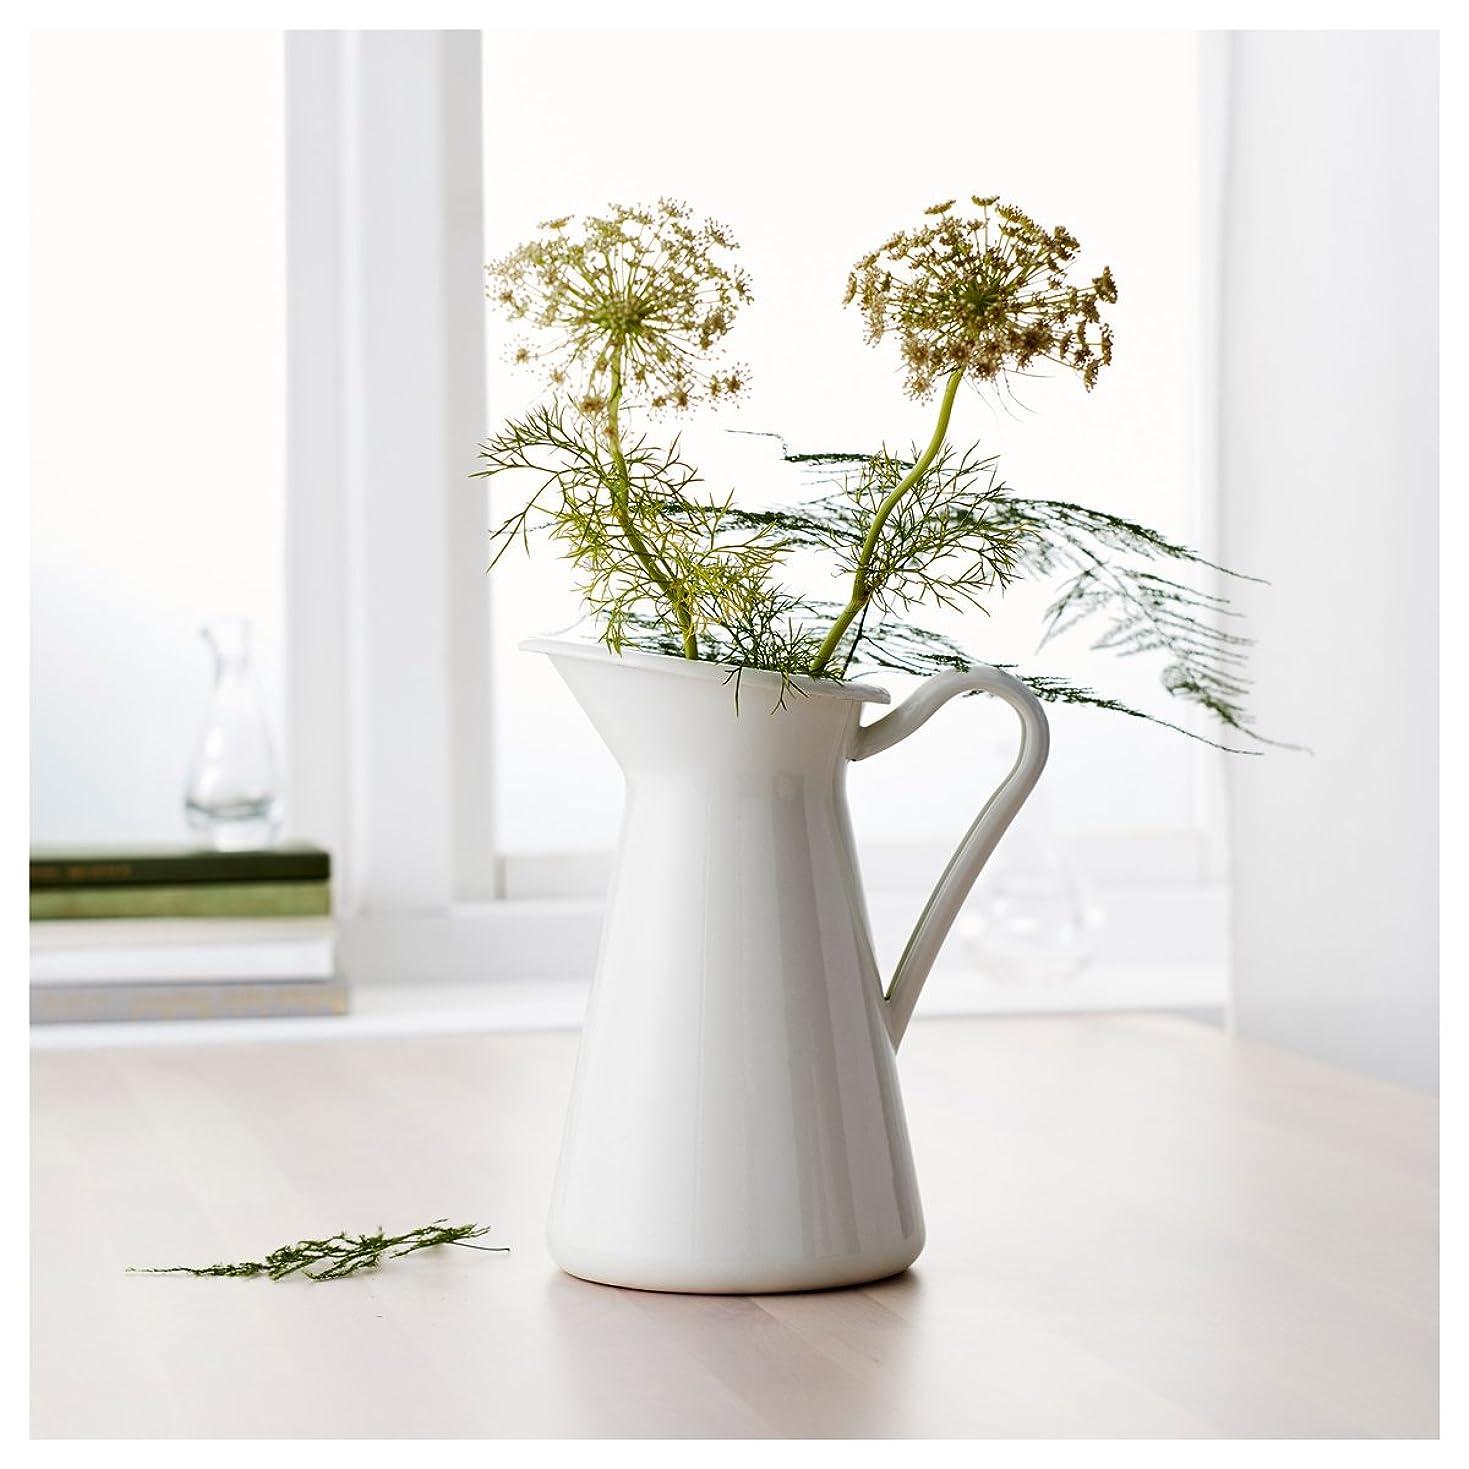 クインウィンド 白いヴィンテージみすぼらしいシックなクリーム花瓶エナメルピッチャー水差しポット背の高い金属の結婚式の装飾 -